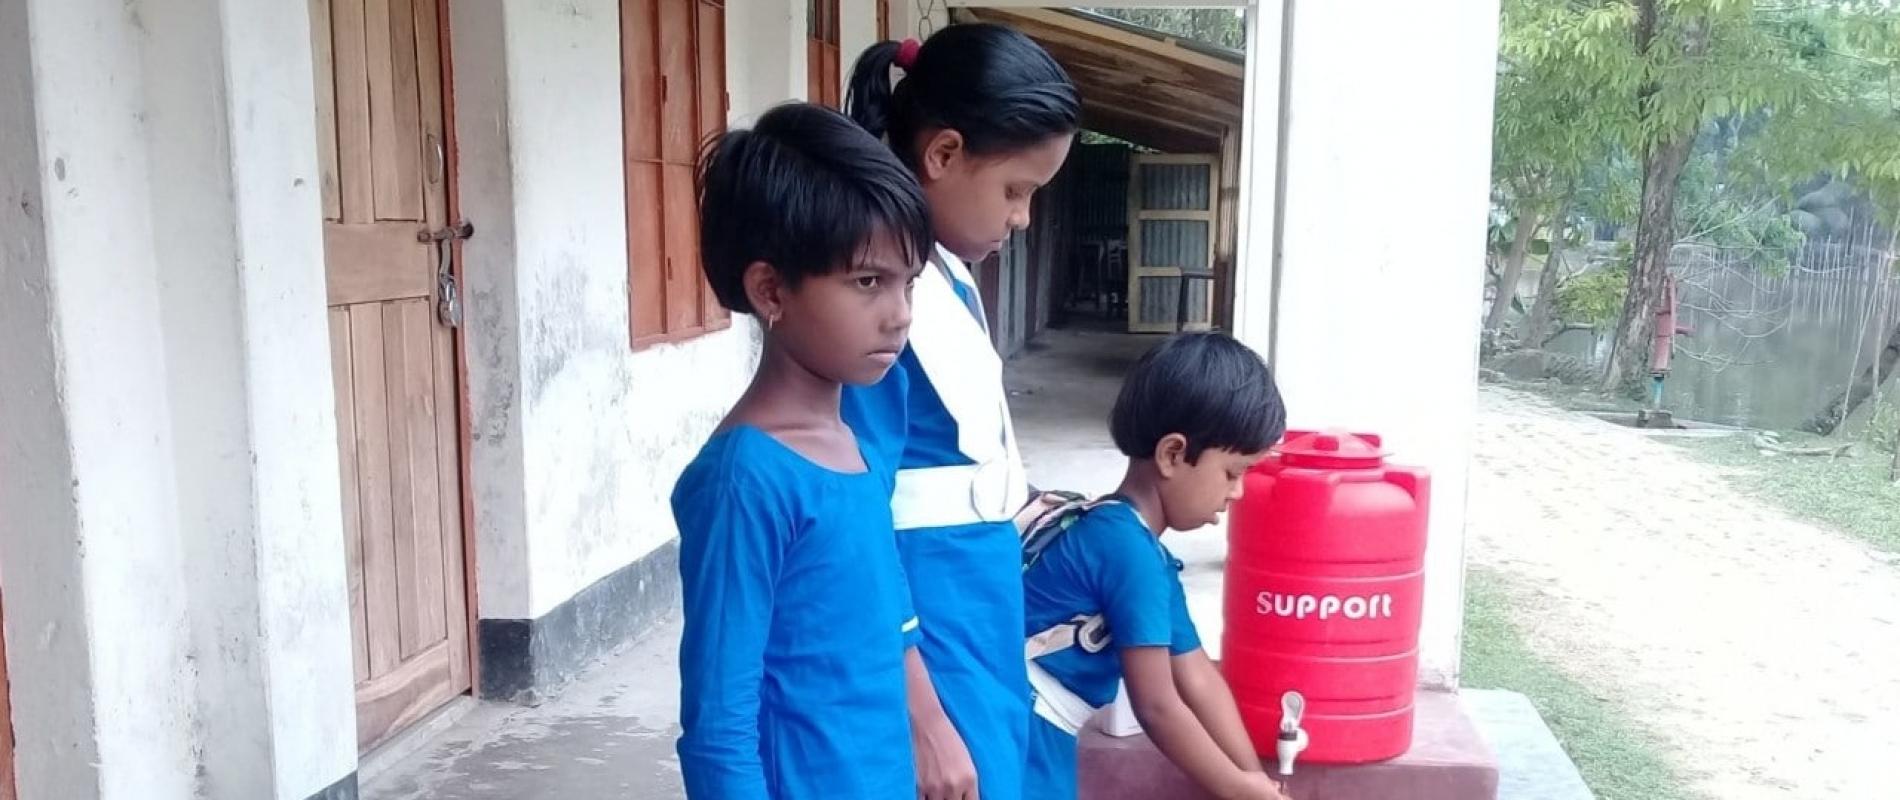 Aswas bangladesh 6 1500x1125